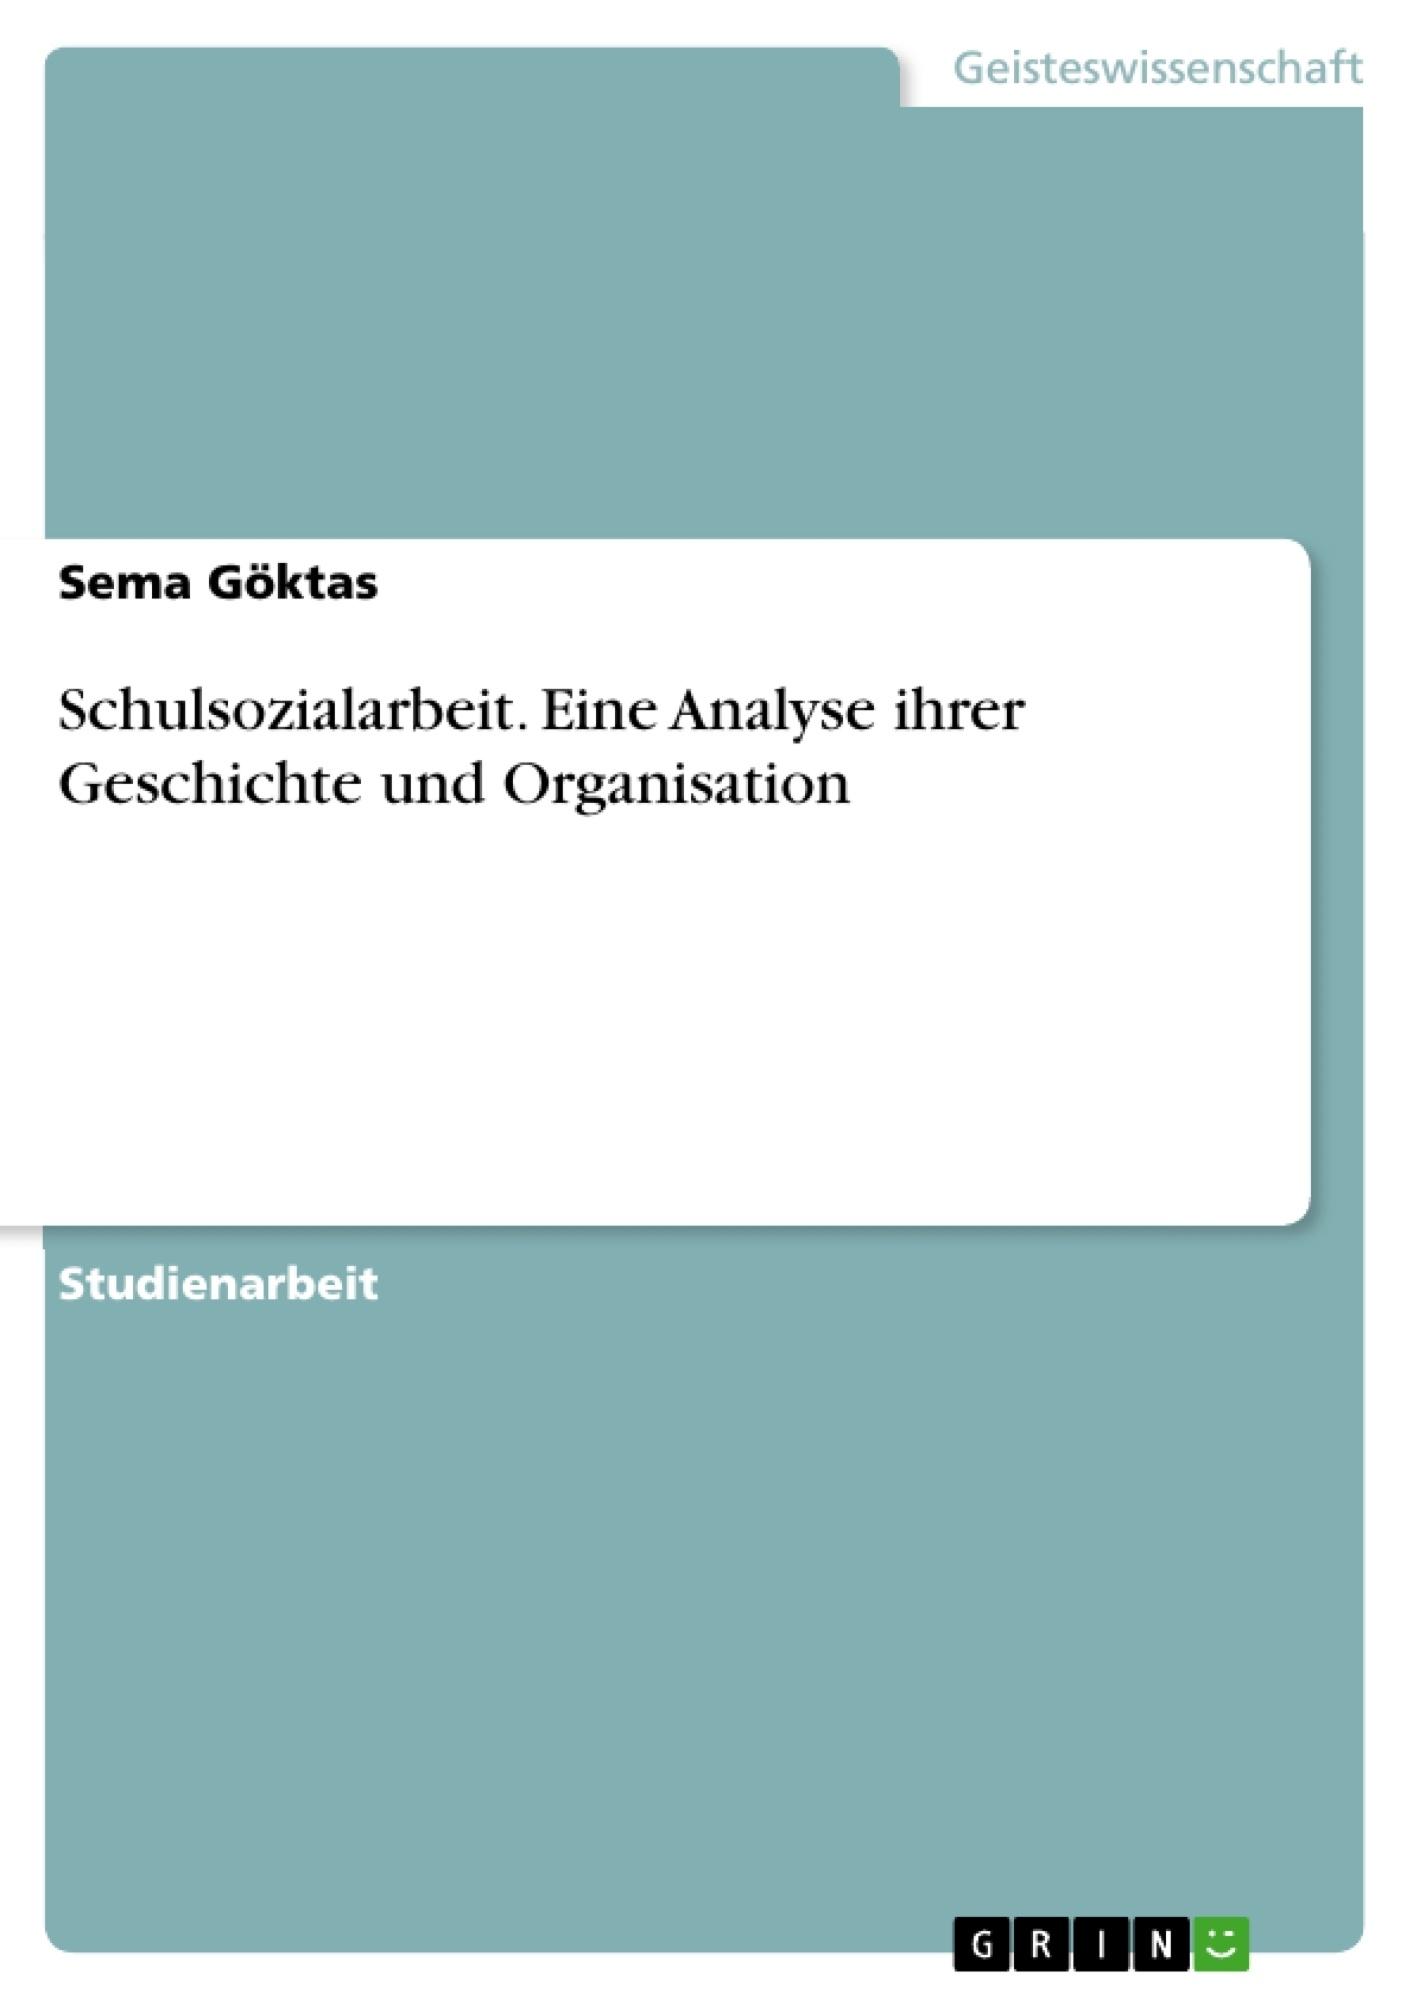 Titel: Schulsozialarbeit. Eine Analyse ihrer Geschichte und Organisation